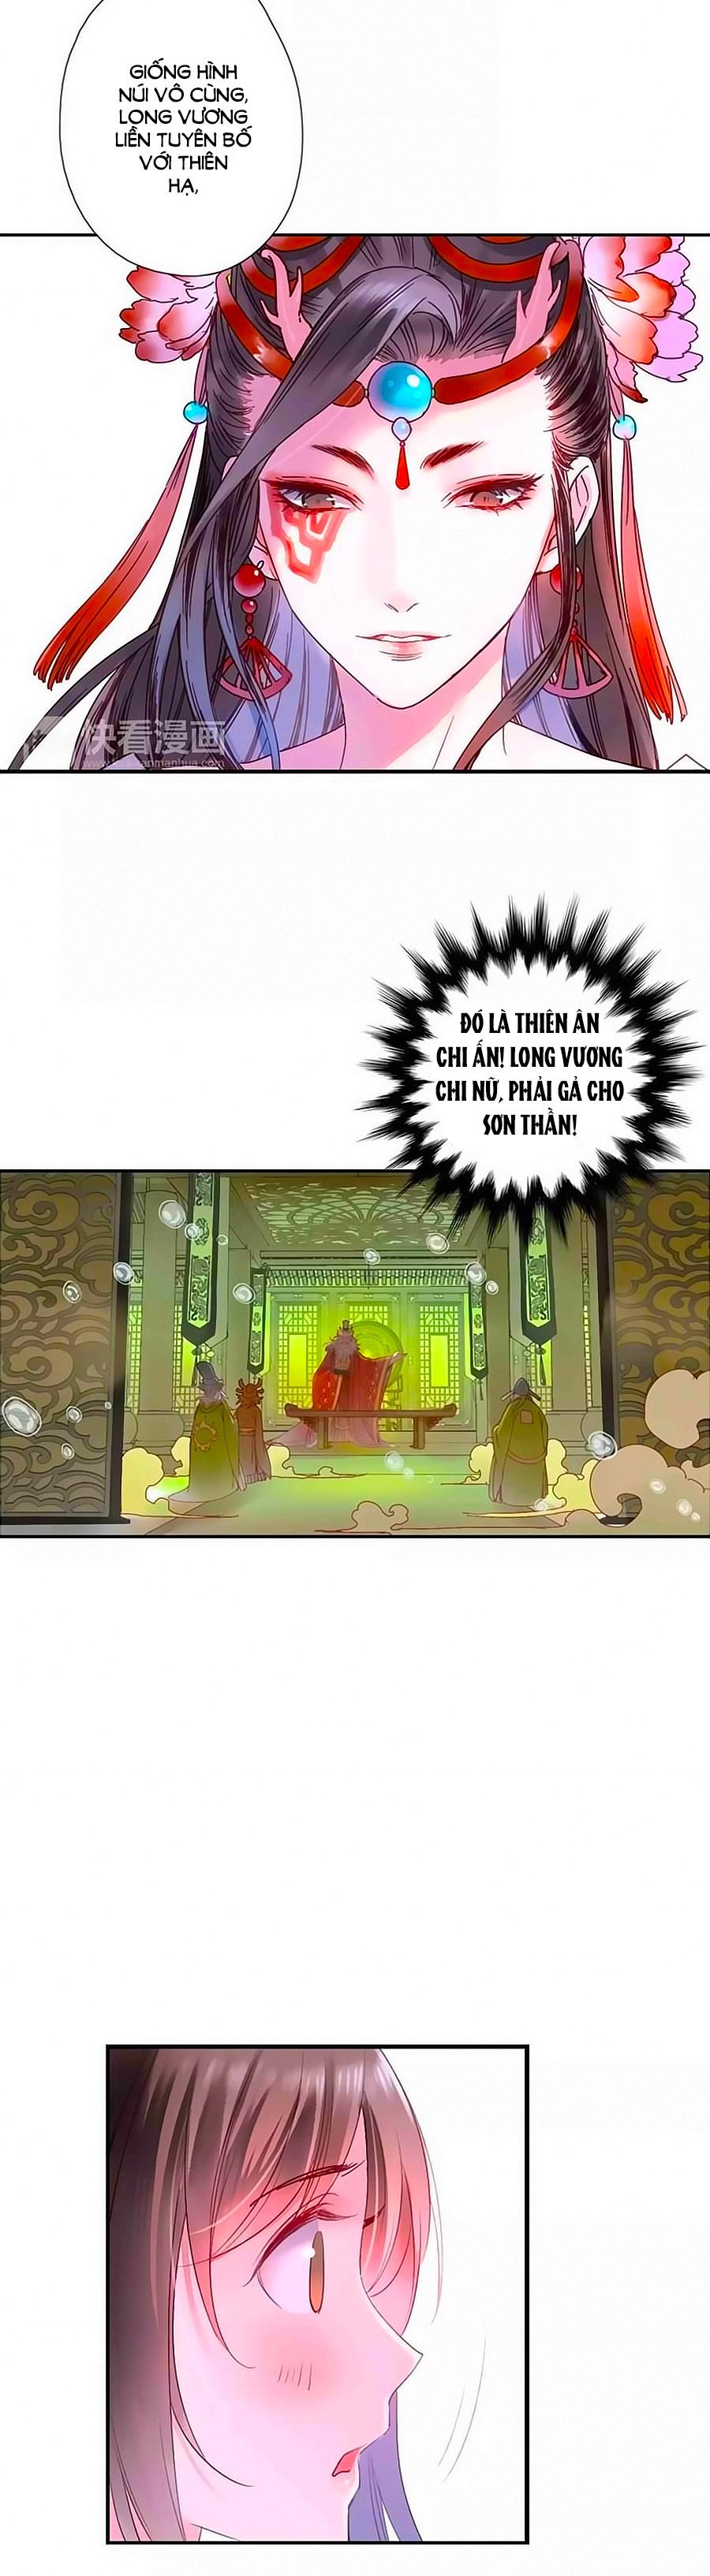 Sơn Thần và Tiểu Táo 2 Chap 13 - Next Chap 14